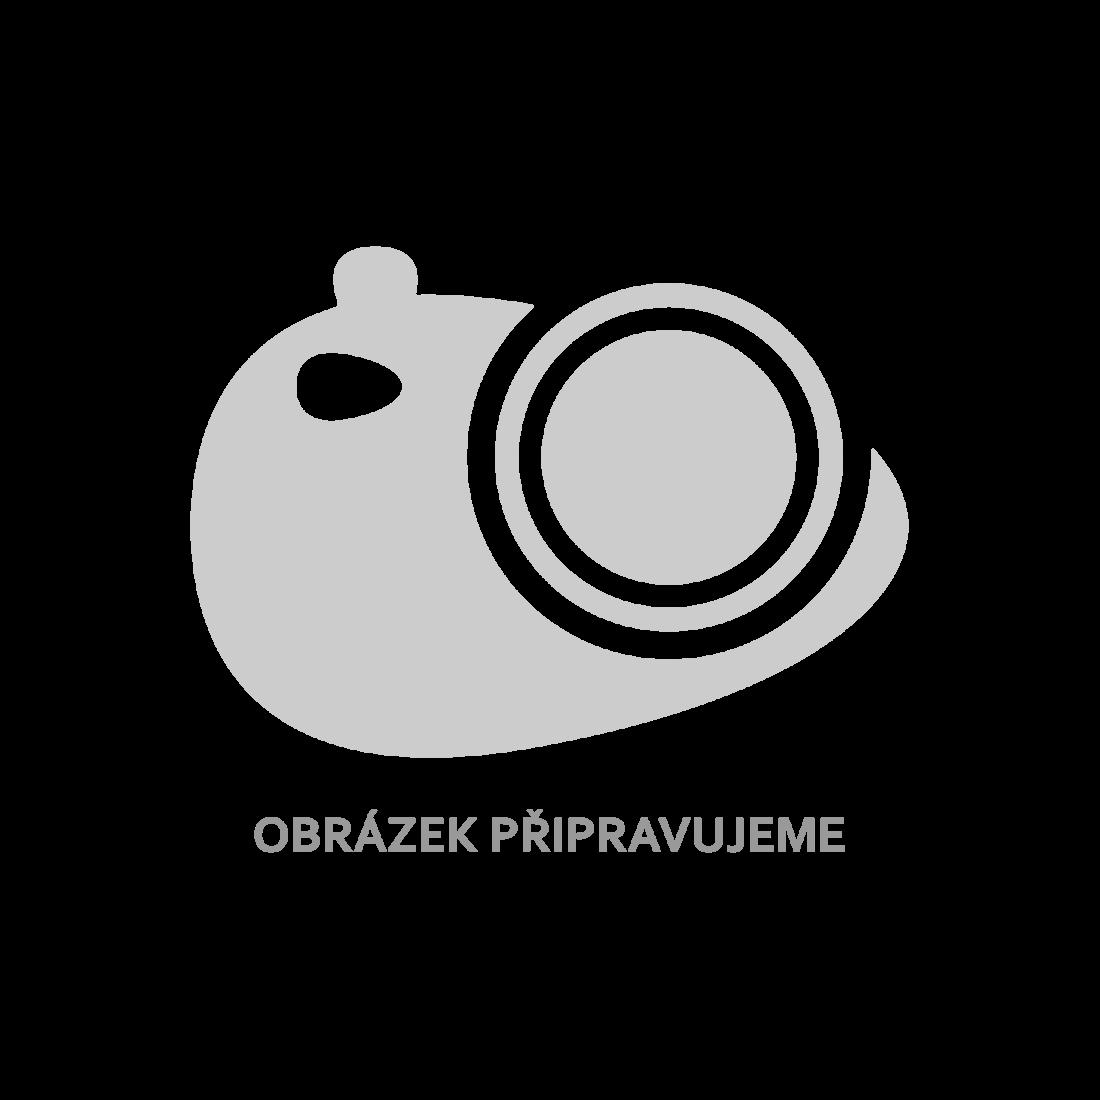 vidaXL Koupelnová skříňka šedá vysoký lesk 30 x 30 x 95 cm dřevotříska [802668]